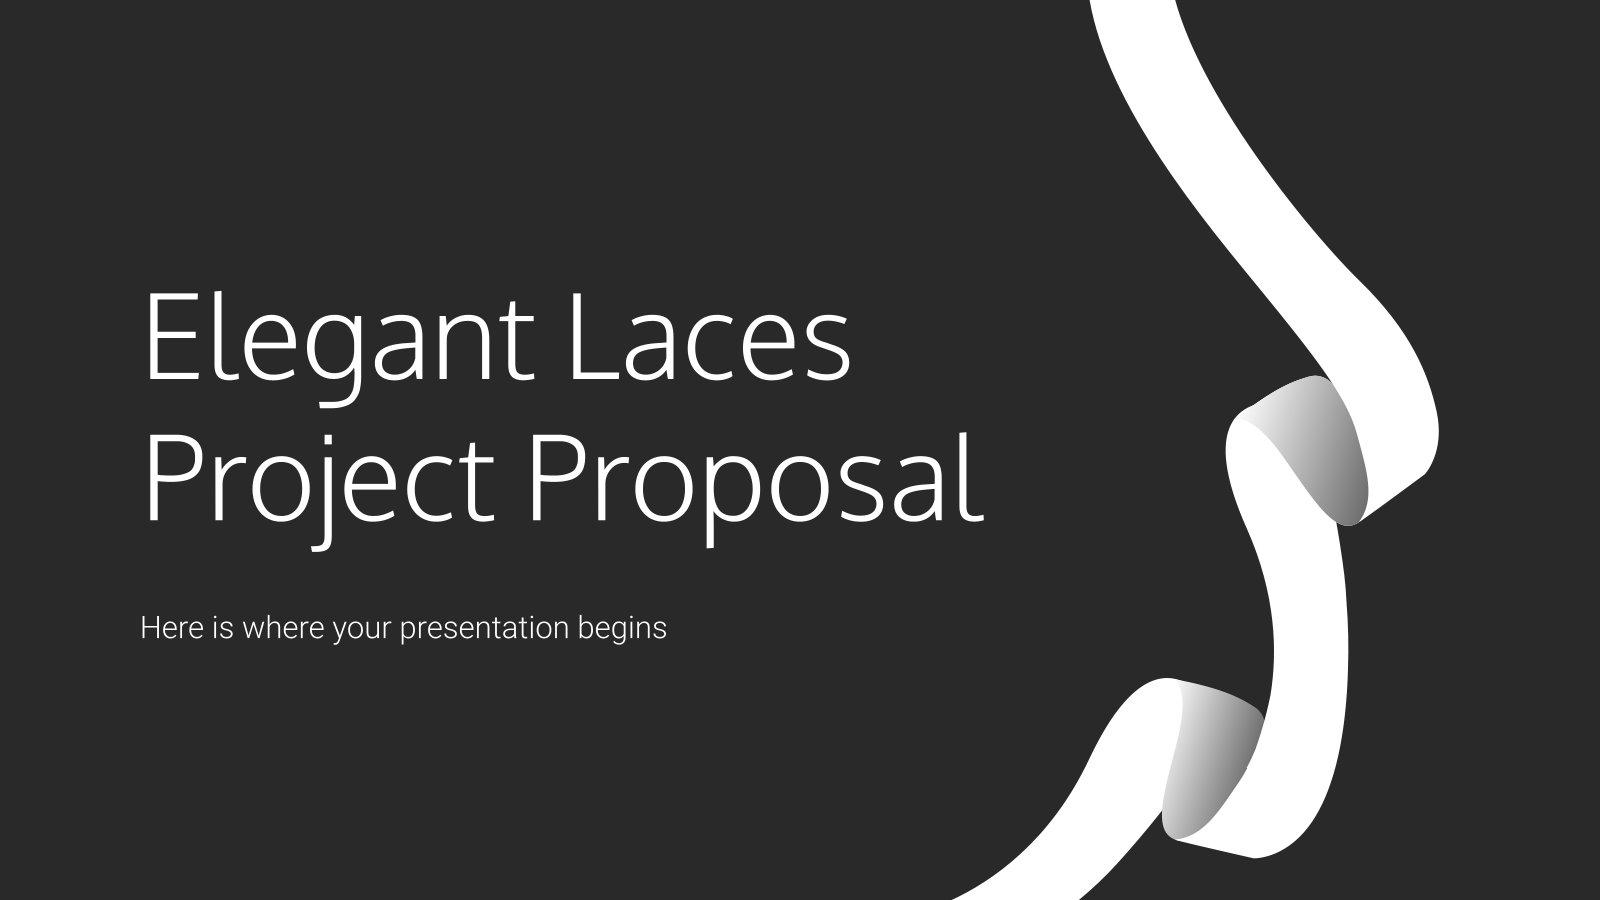 Elegante Bänder Projektvorschlag Präsentationsvorlage